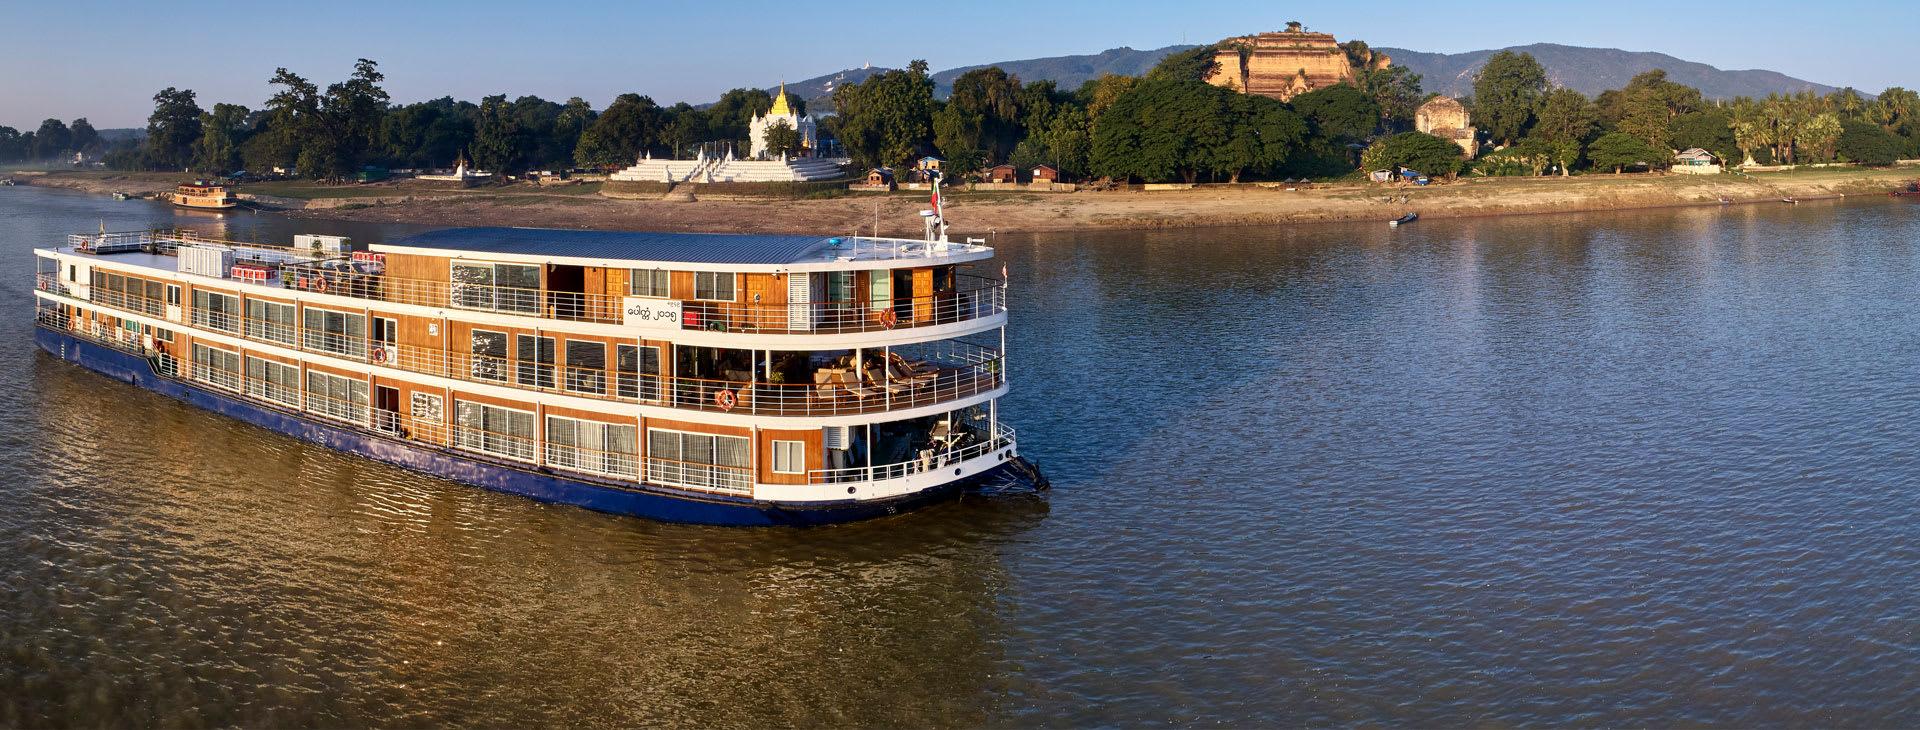 Paukan Princess on the river